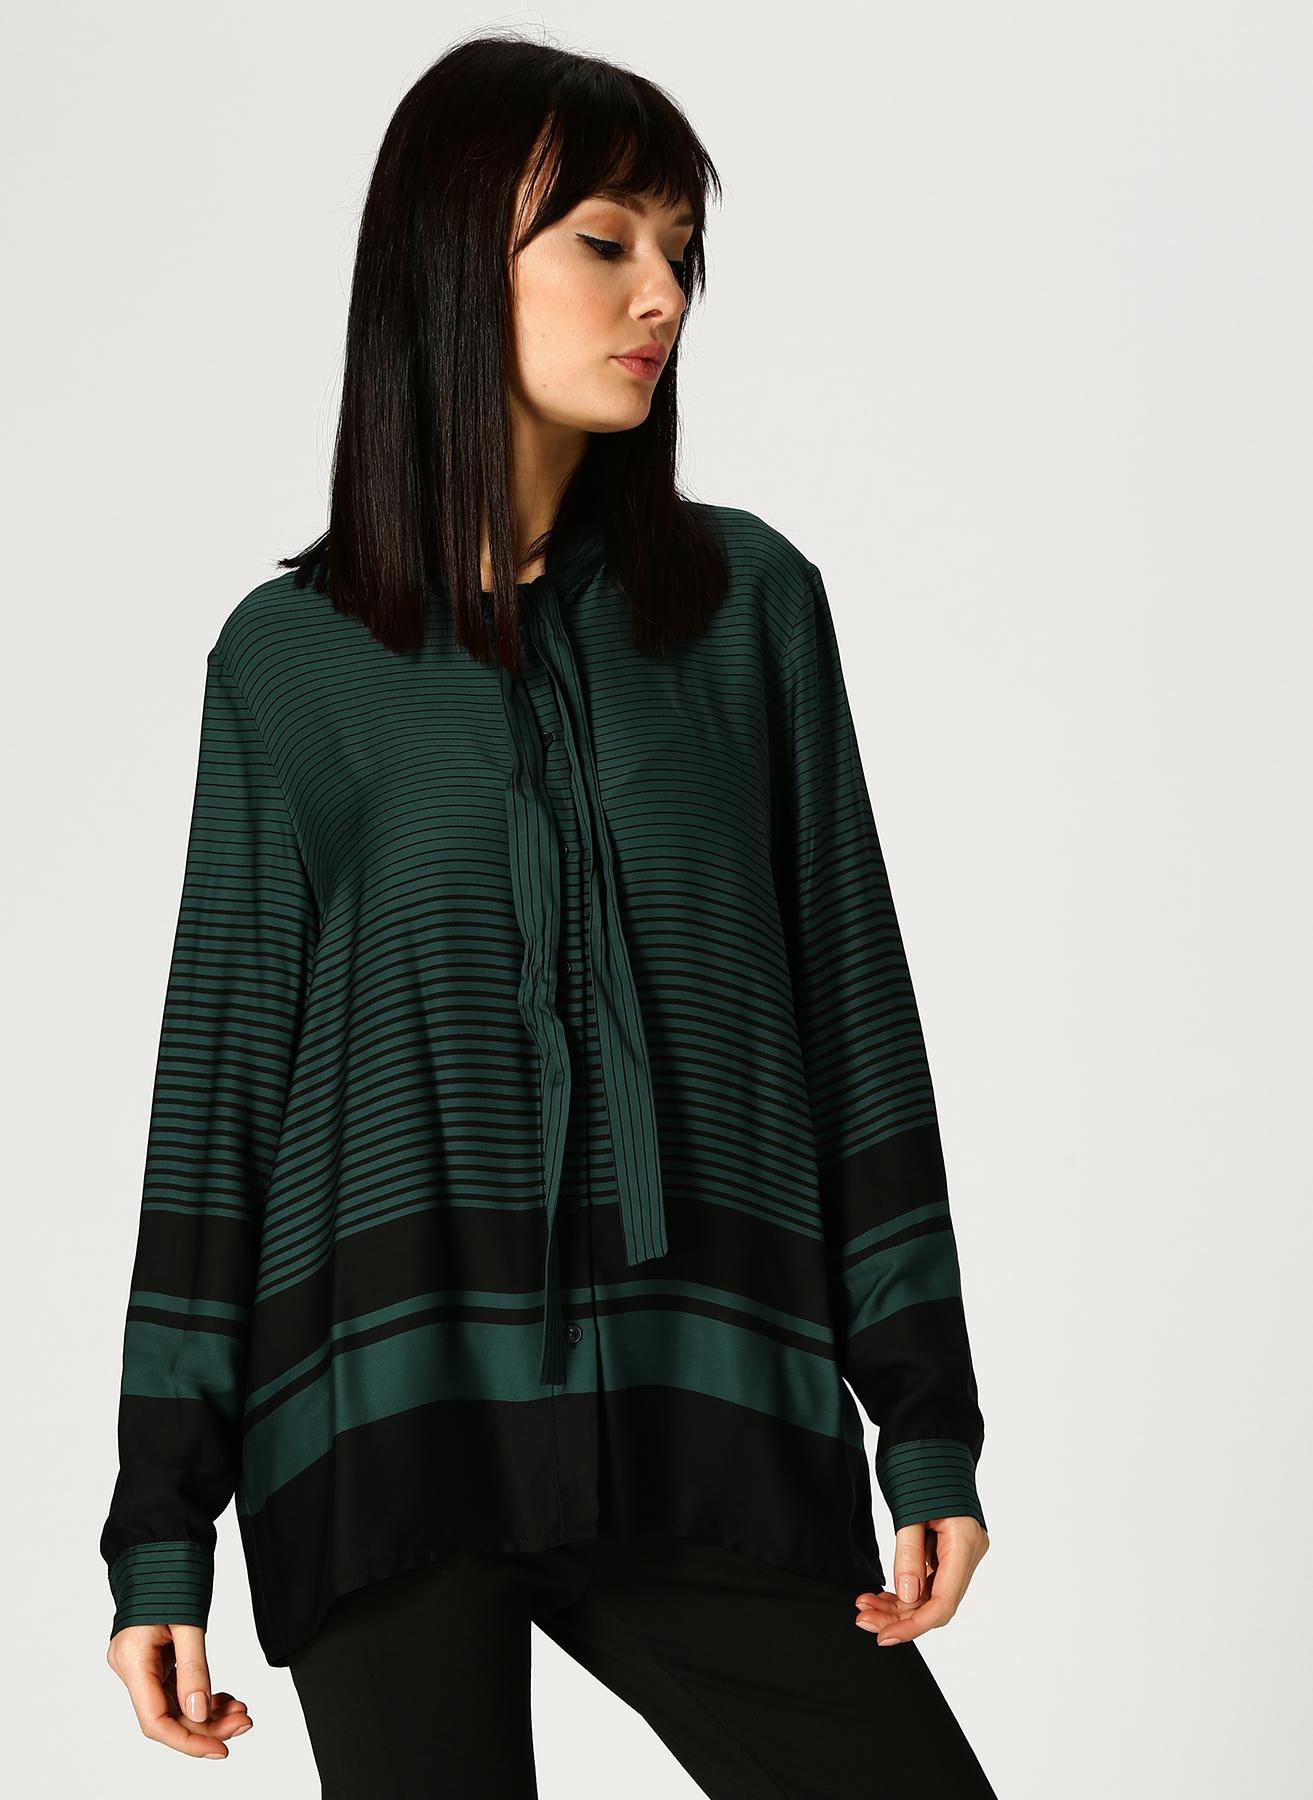 Pierre Cardin Çizgili Zümrüt Yeşili-Siyah Gömlek 36 5002313394003 Ürün Resmi